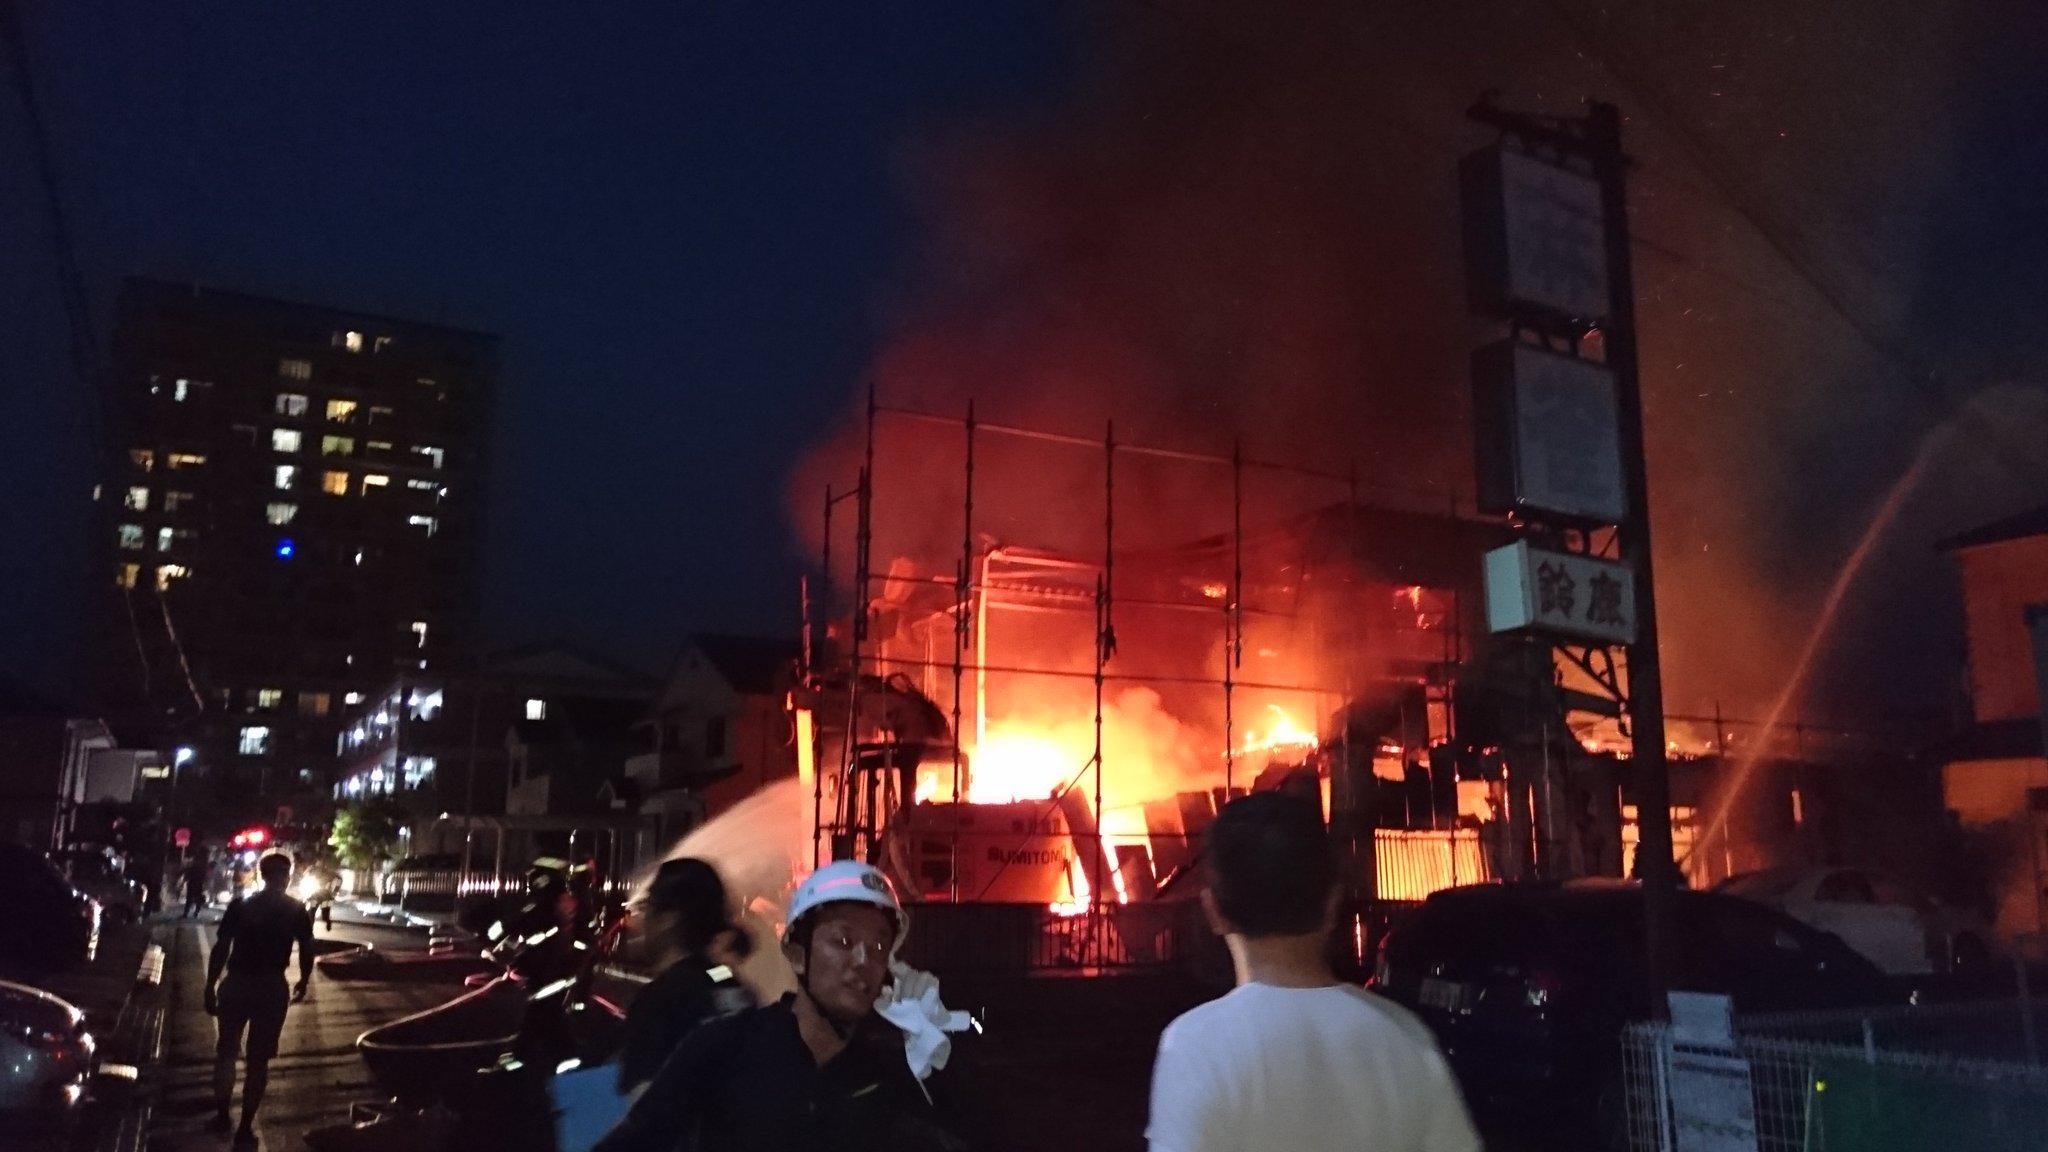 近江八幡市桜宮町で火事が起きている現場の画像